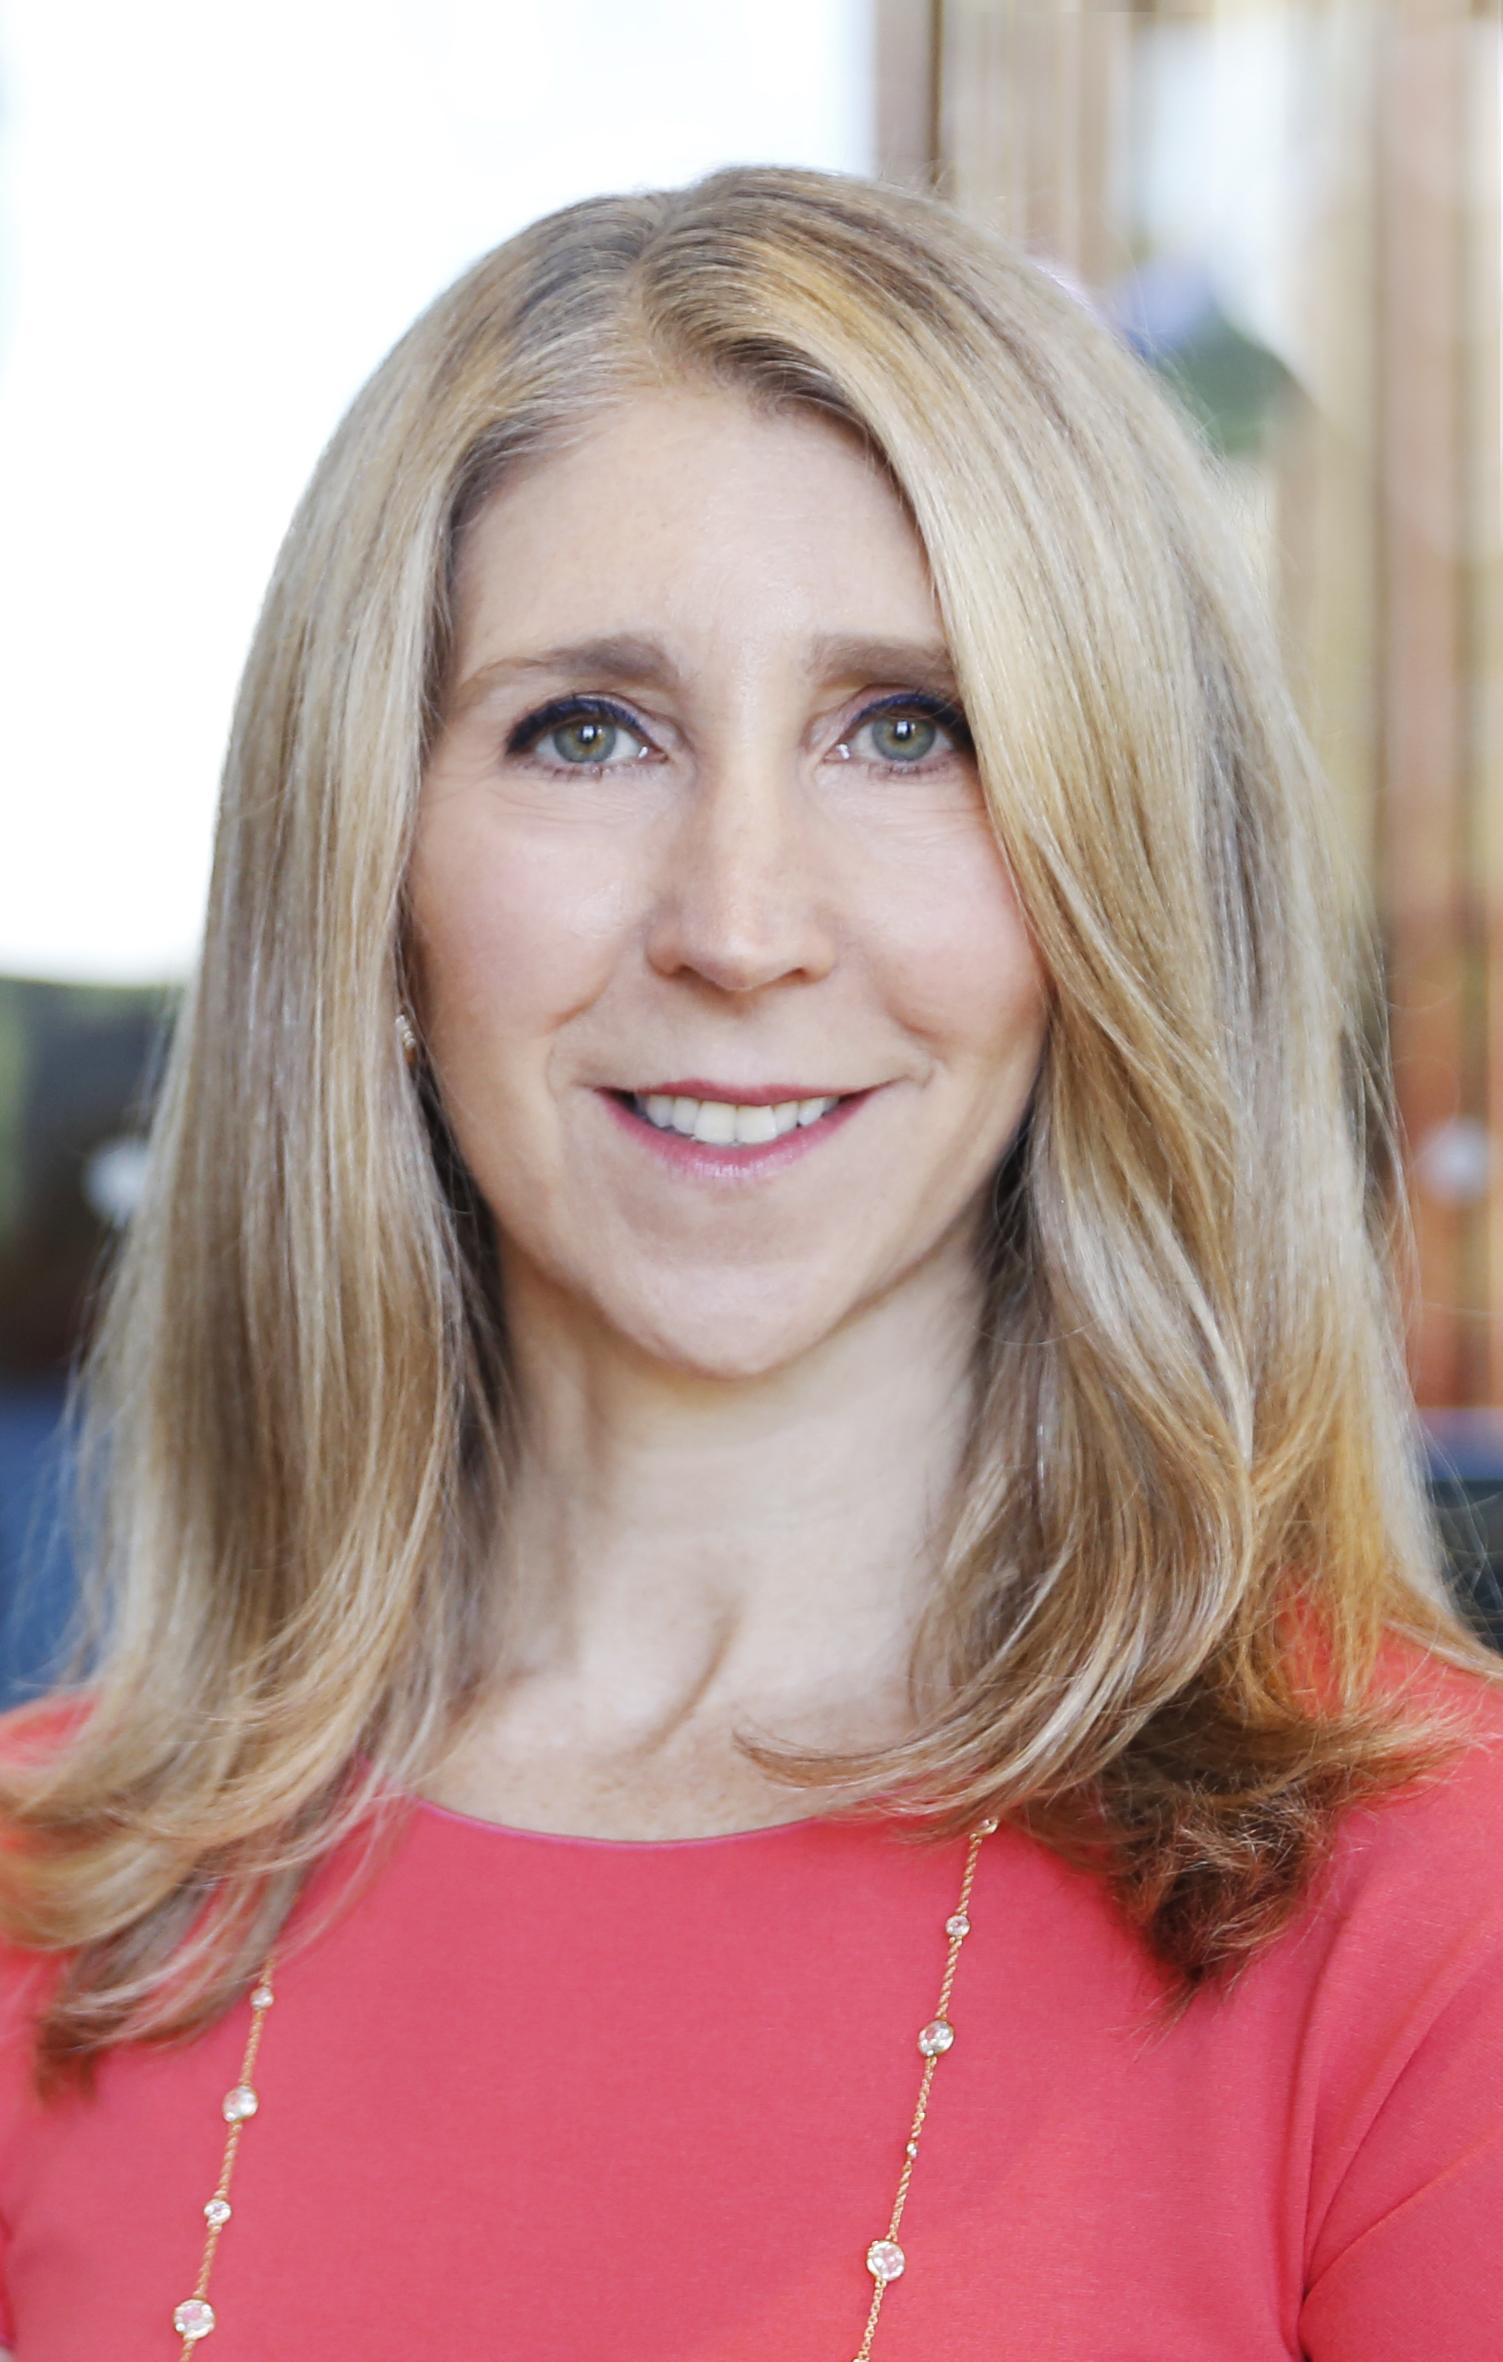 Lauren K. Headshot